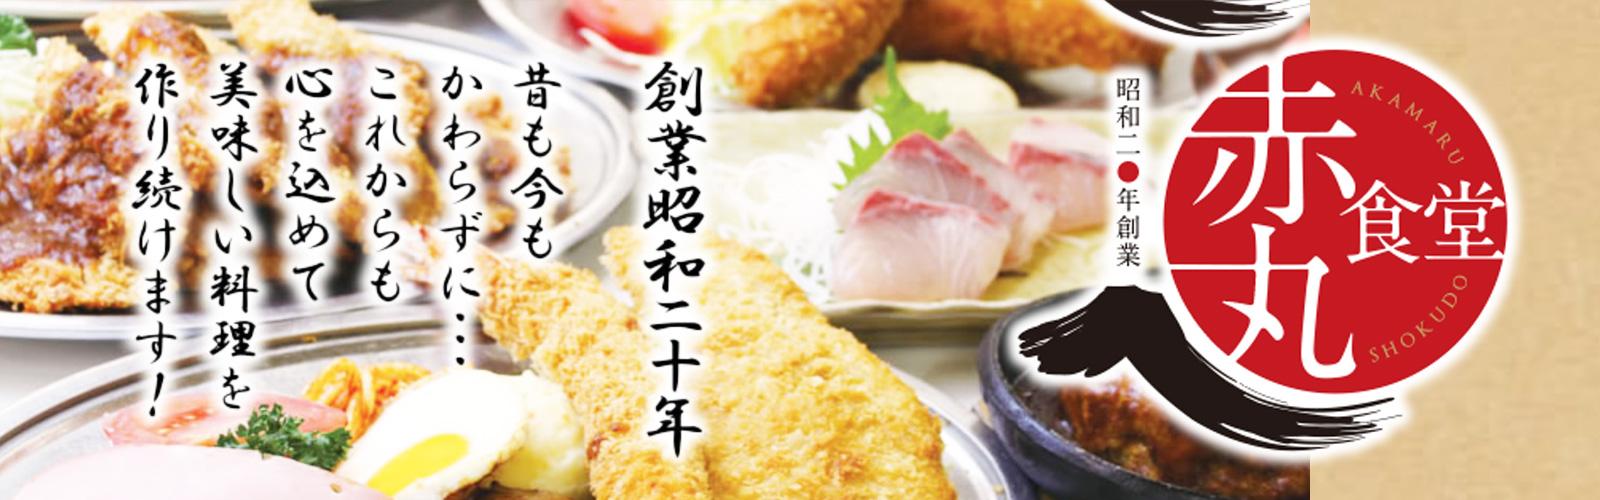 赤丸食堂(大阪・弁天町)